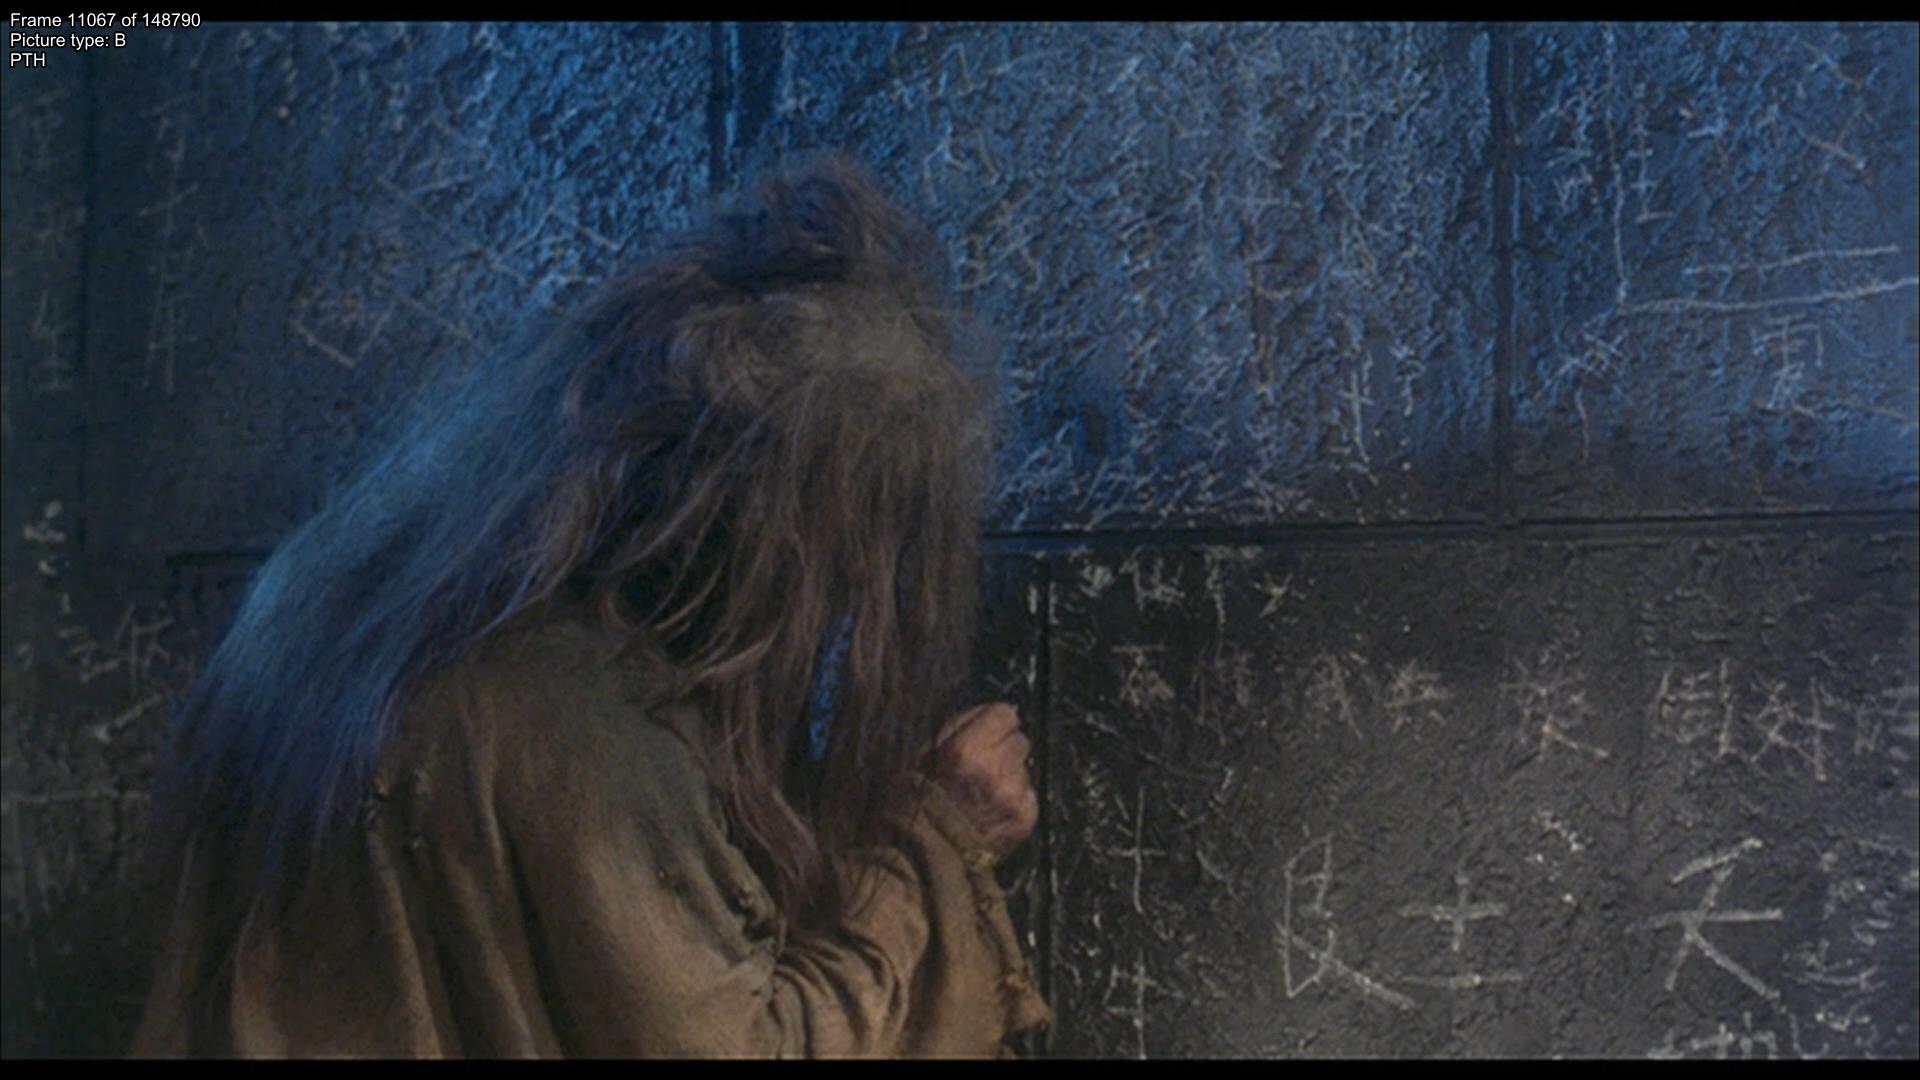 倩女幽魂2.1990.Blu-ray.1080p.Remux.AVC.DTS-HD.MA-5....